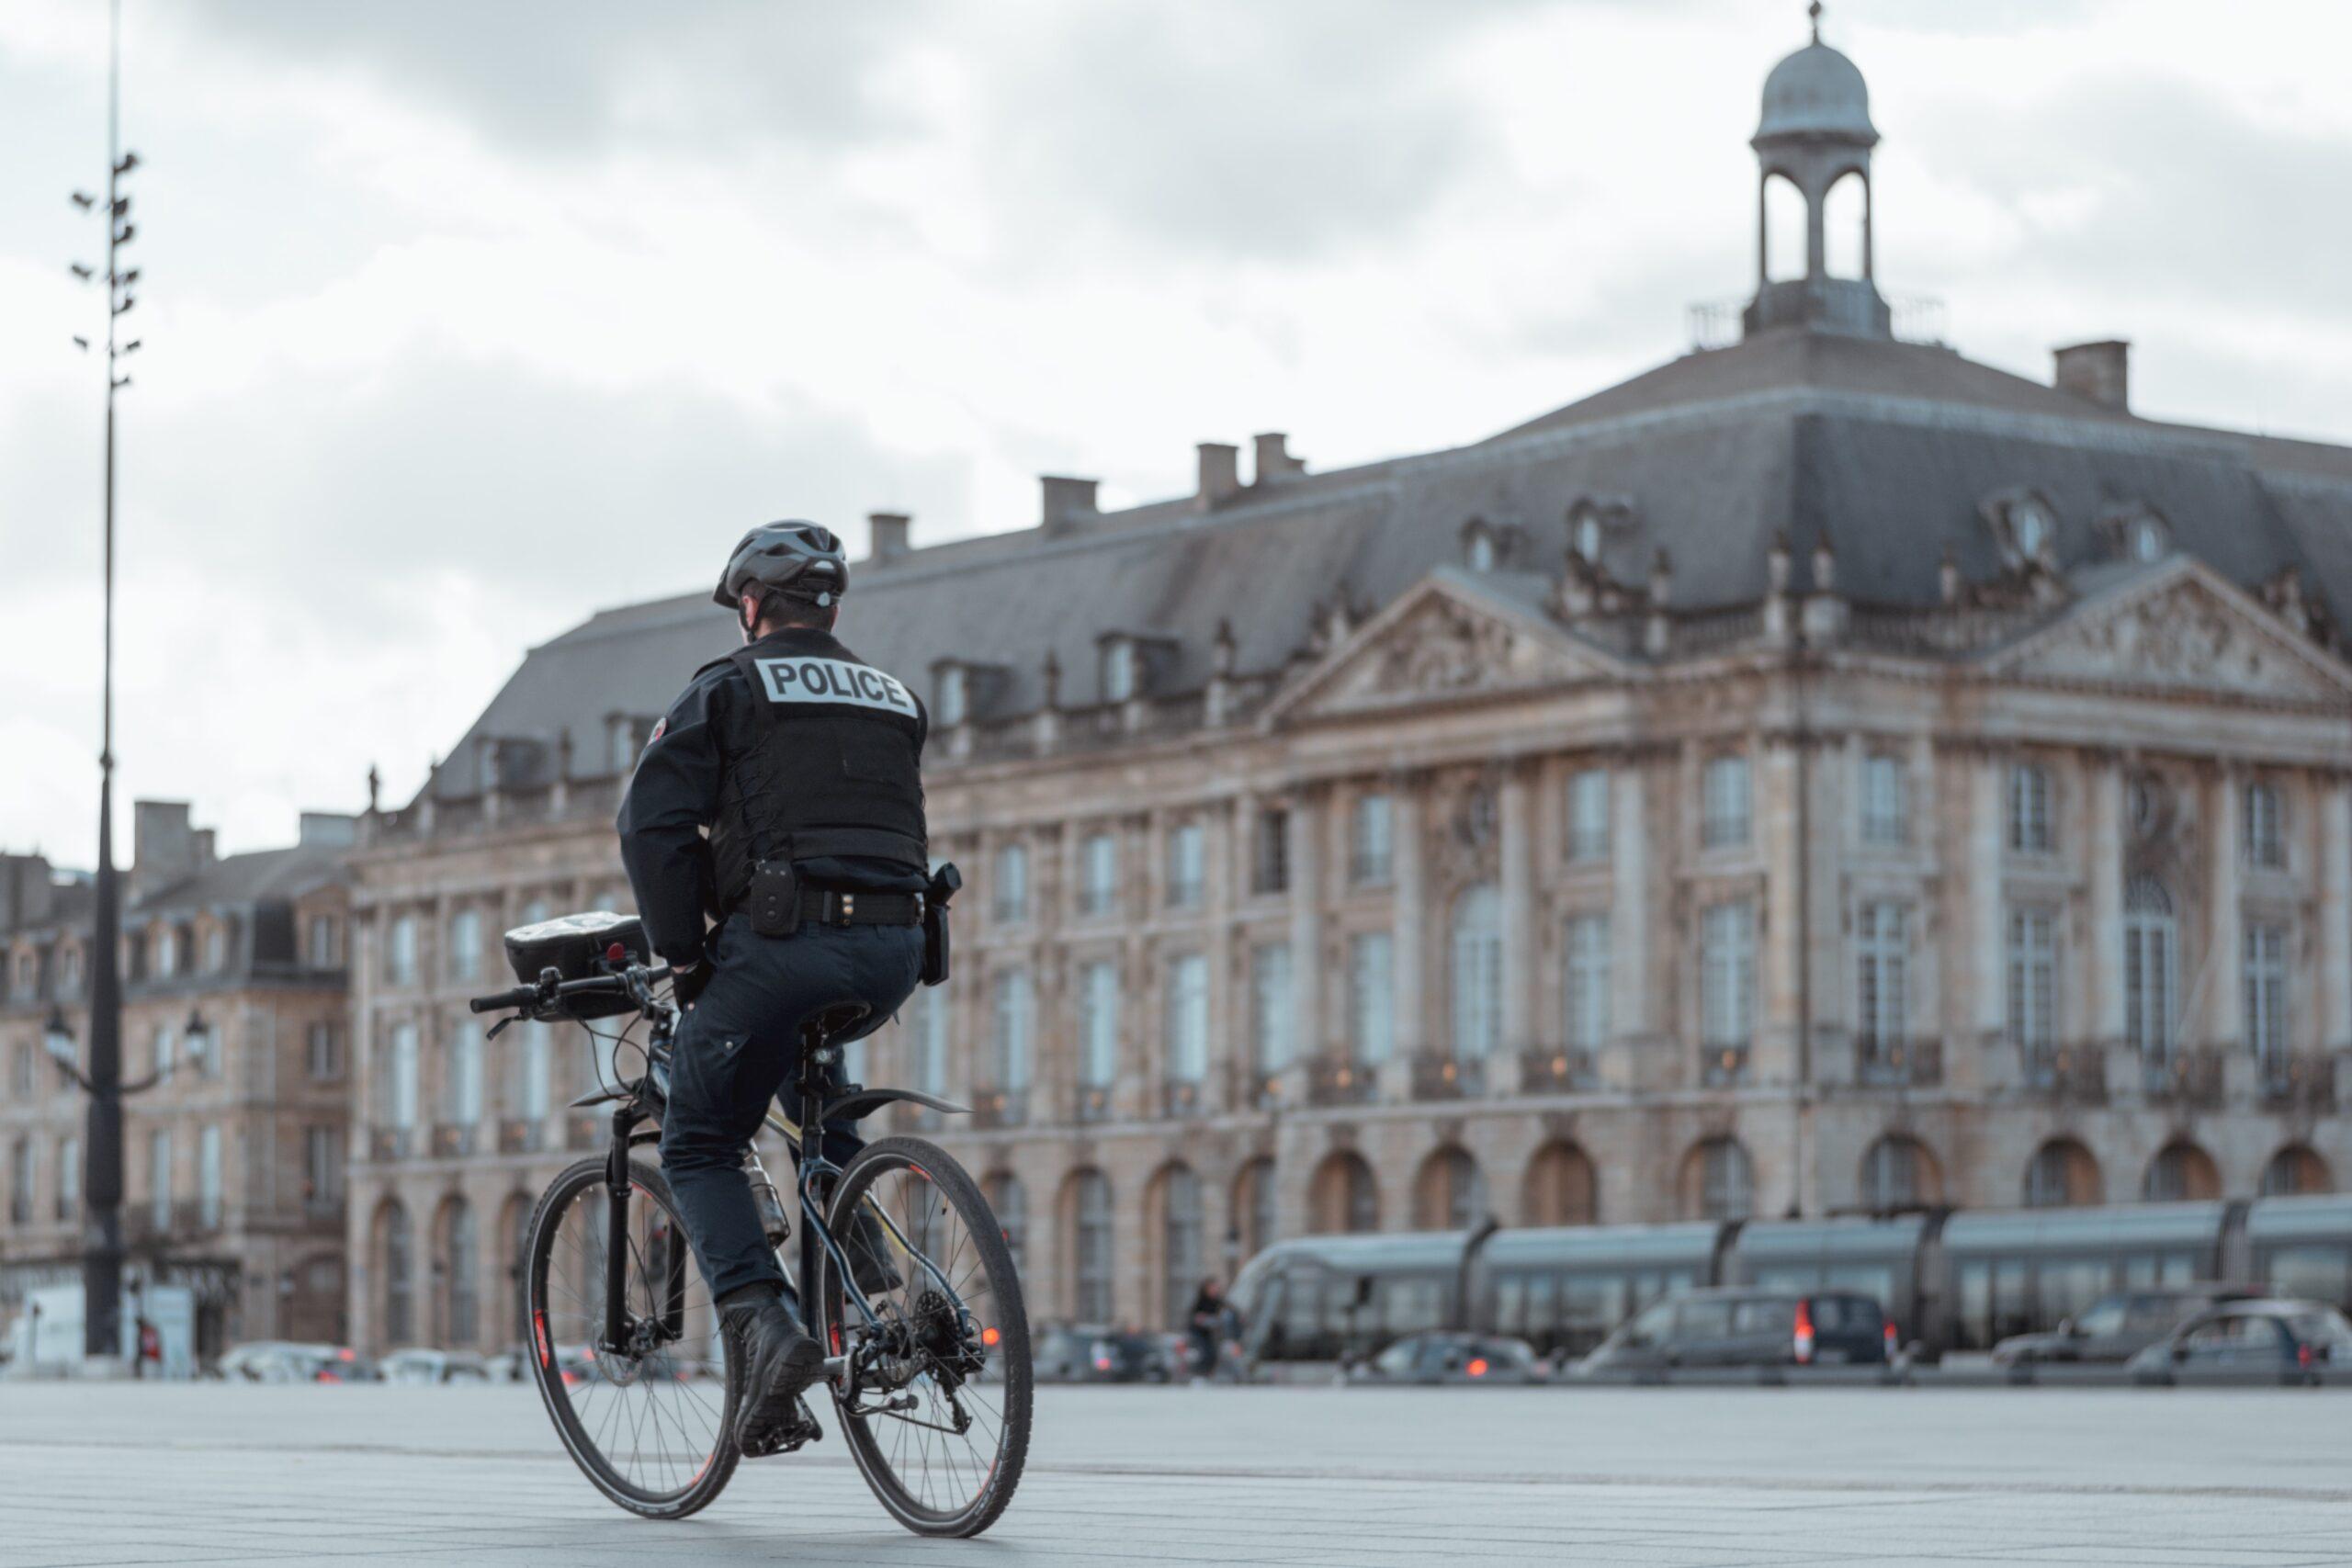 Rowerowe patrole policyjne pojechały na Katowice